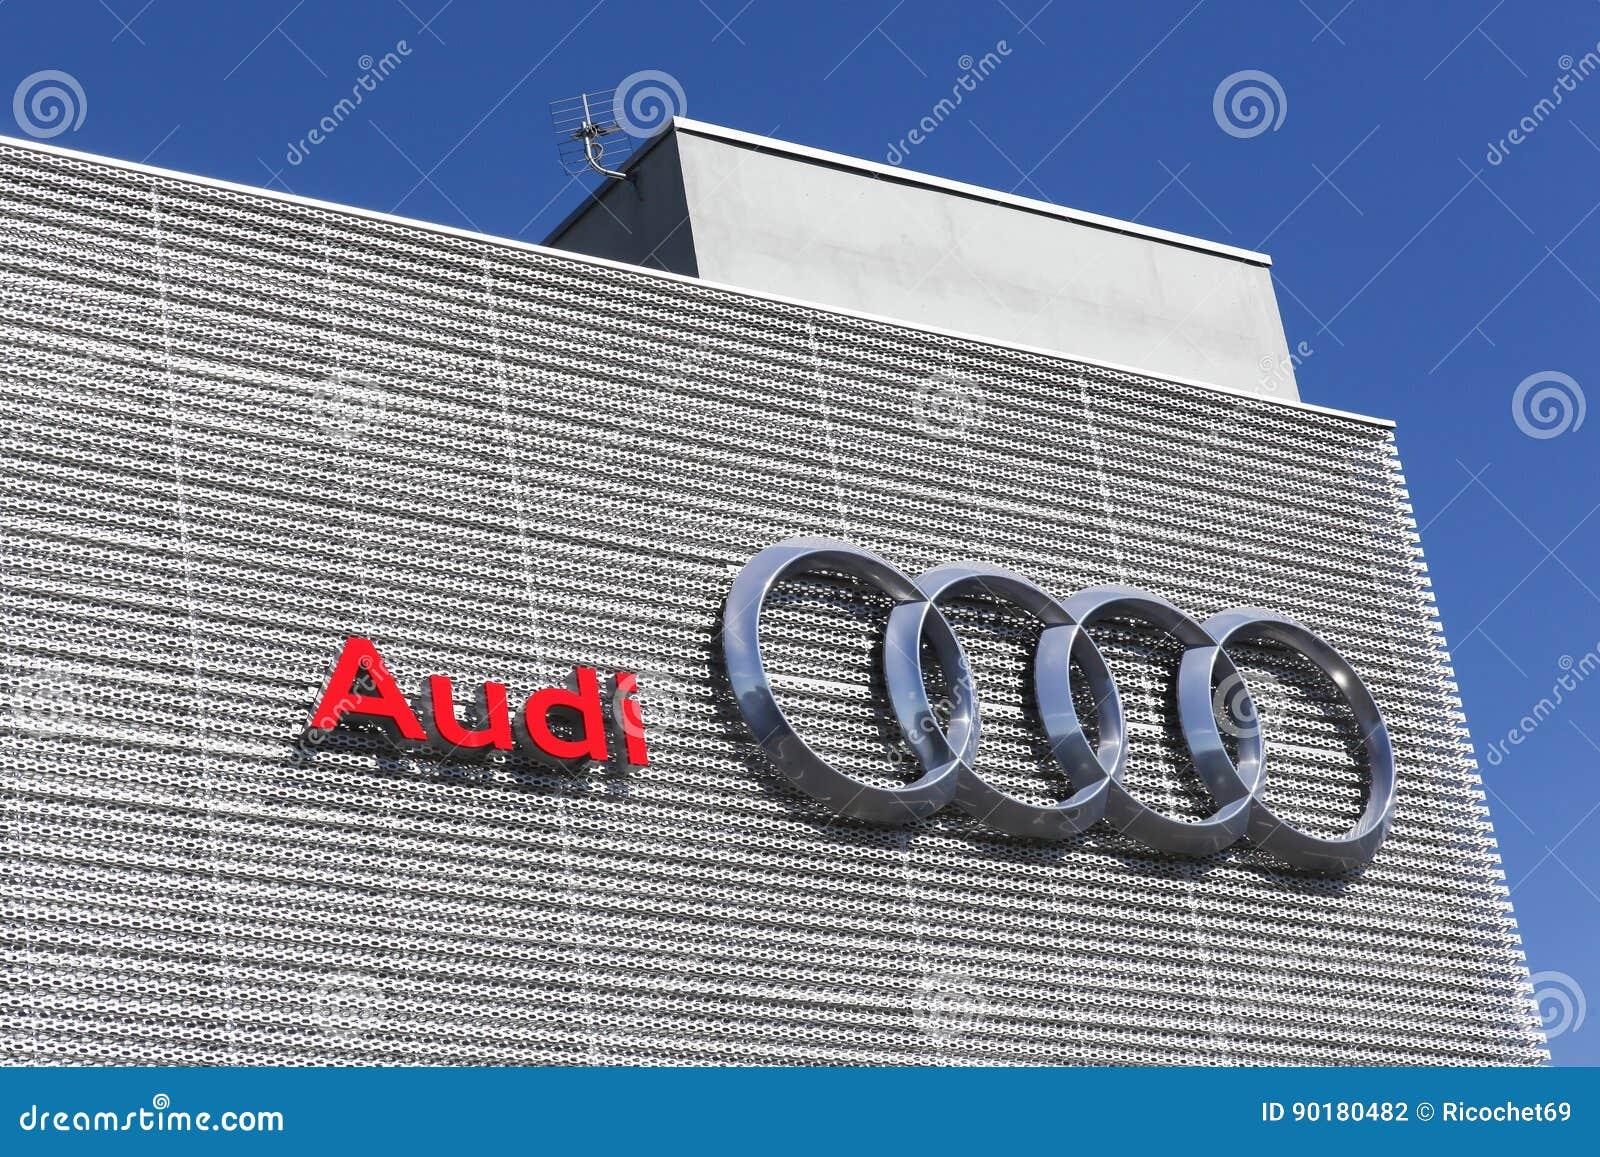 Concesionario De Coches Del Edificio De Audi Fotografía editorial ...